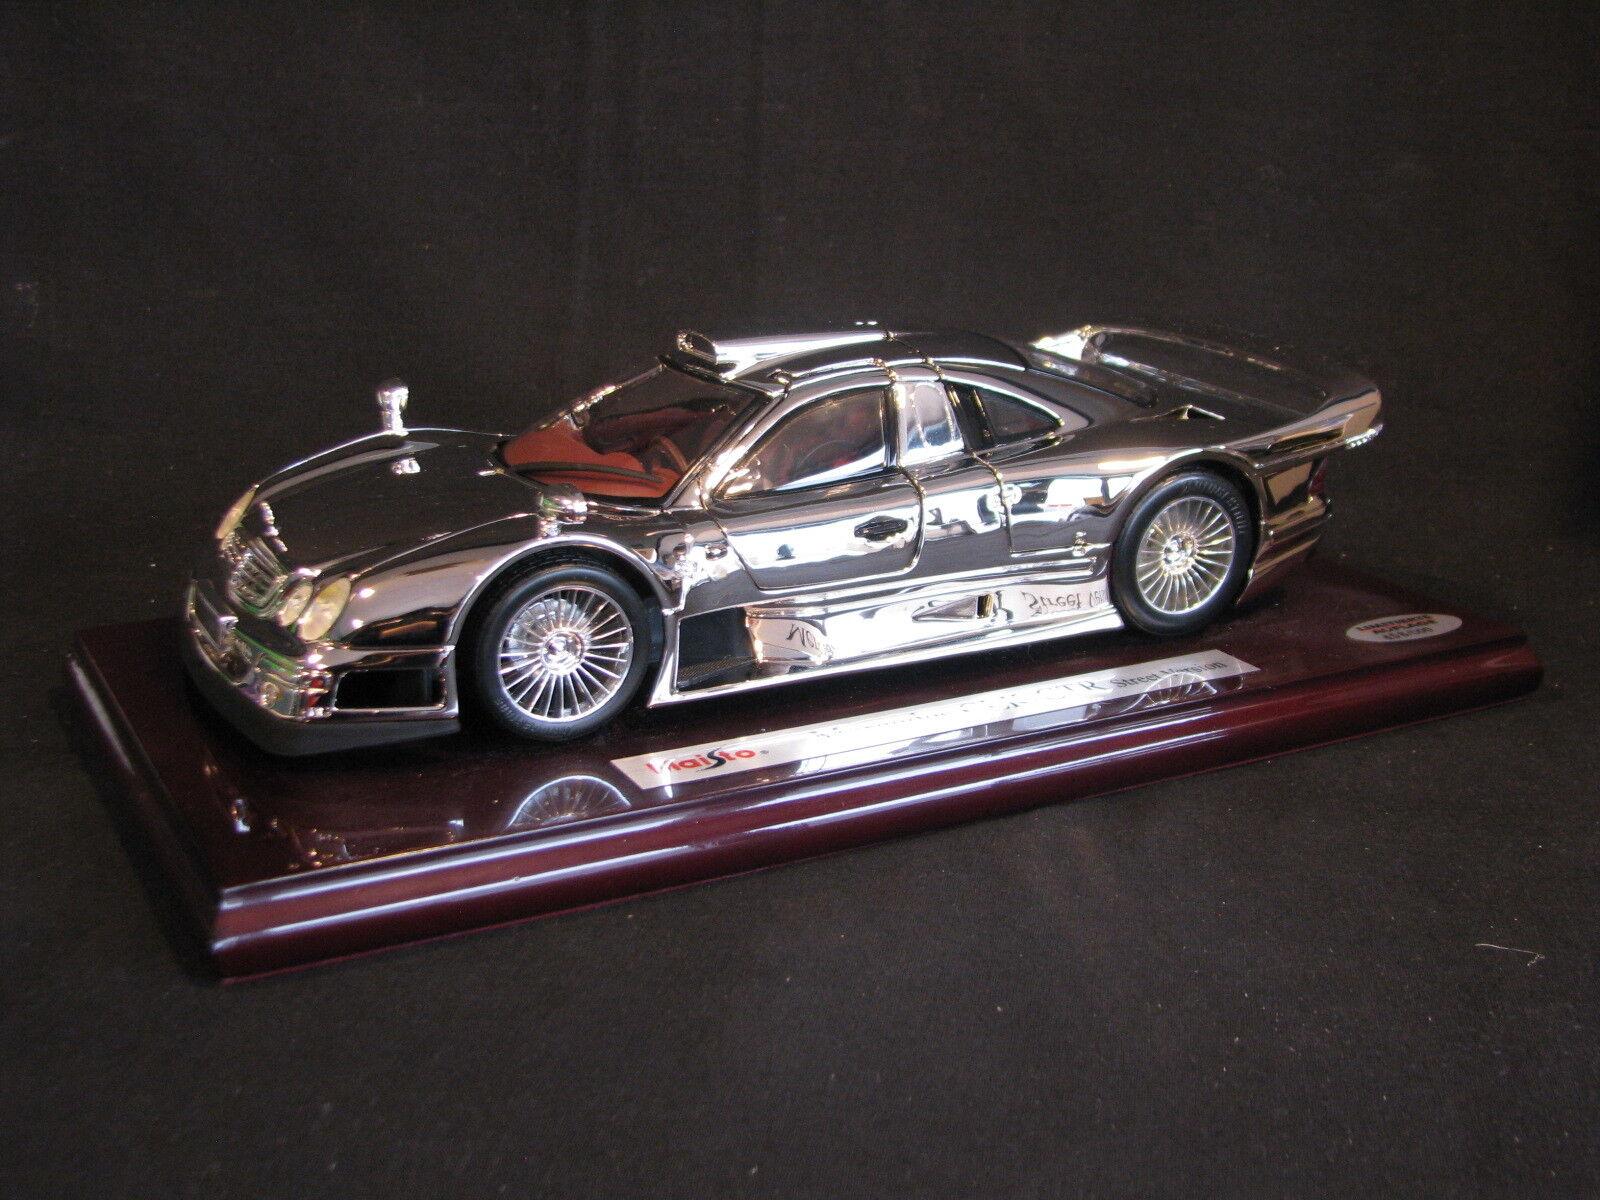 Maisto Mercedes-Benz CLK-GTR Street Version 1 18 Rhodium Plated (JS)  2